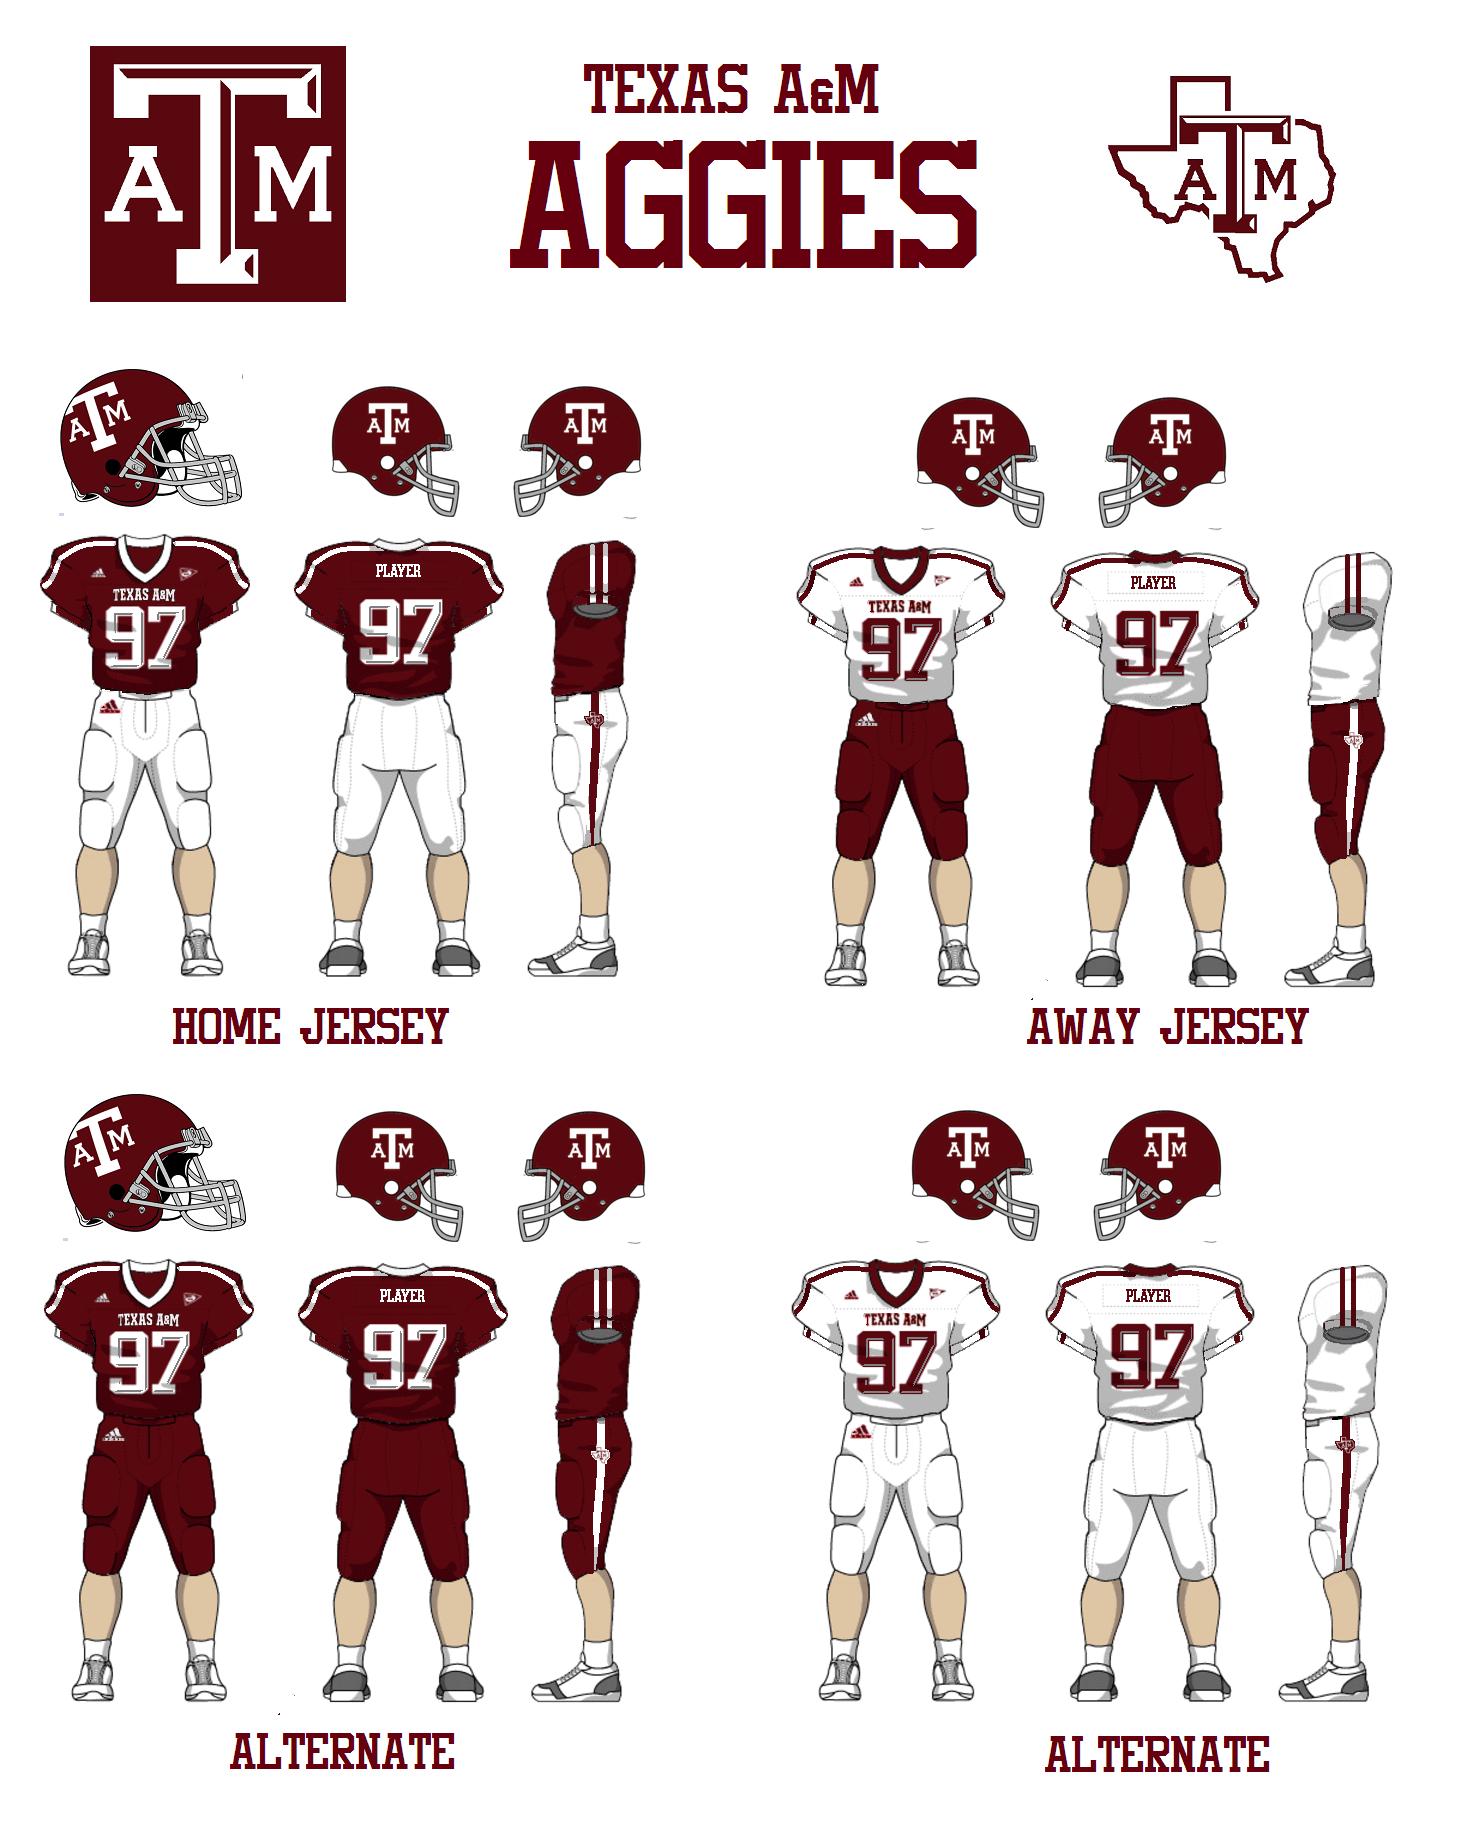 7929a92d31e Texas A M Aggies